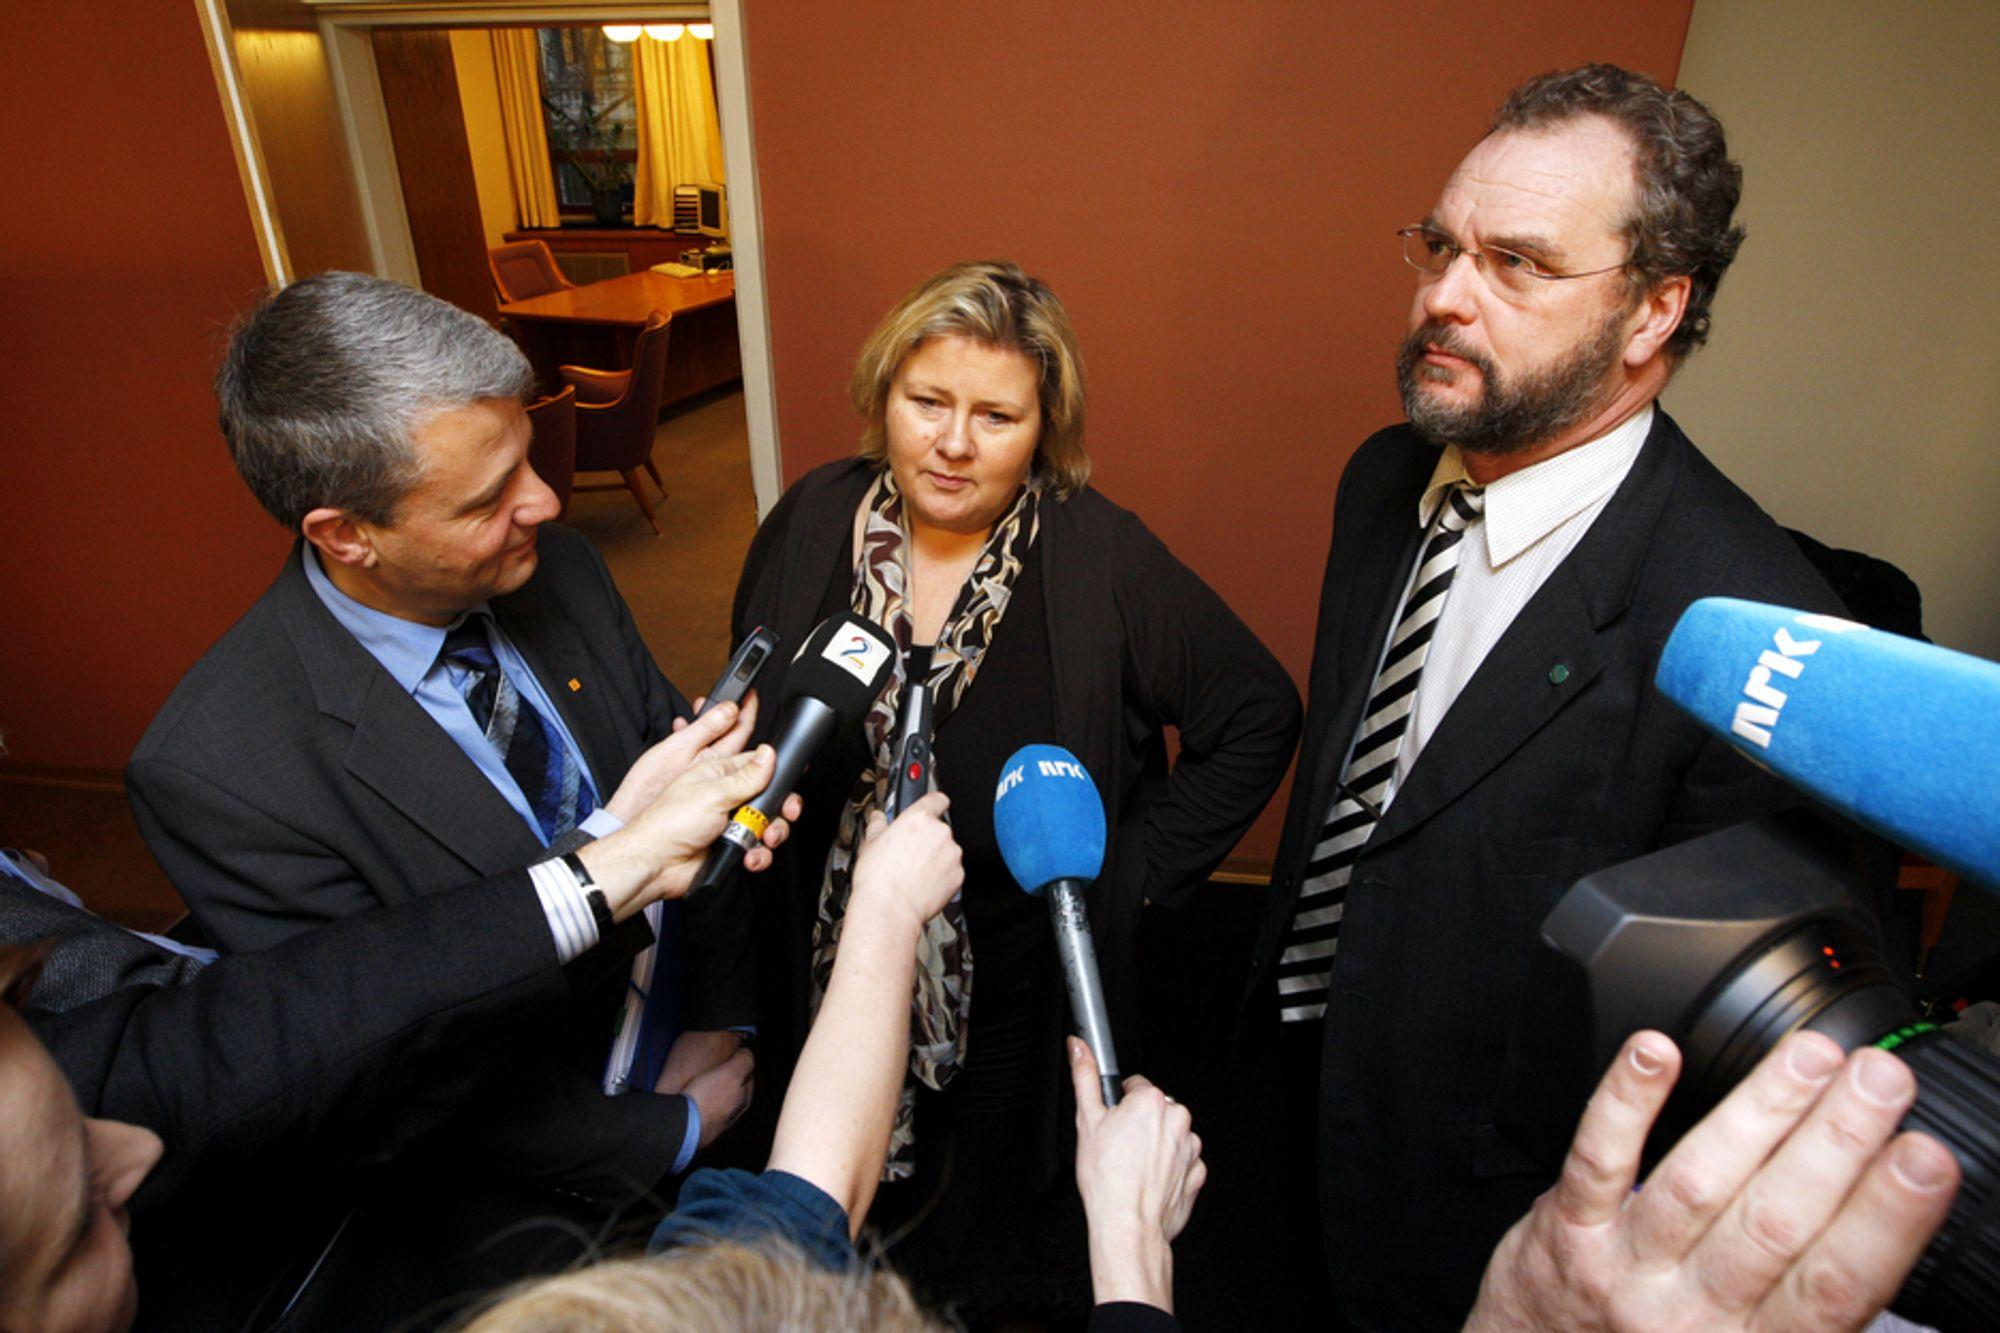 KLIMAINNSPURT: I løpet av onsdagen regner partilederne med å komme til enighet om et klimaforlik på Stortinget. Erna Solberg, Høyre (i midten), Dagfinn Høybråten, KrF (t.v.) , og Lars Sponheim, V, etter andre omgang av klimaforhandligene i Stortinget onsdag morgen.